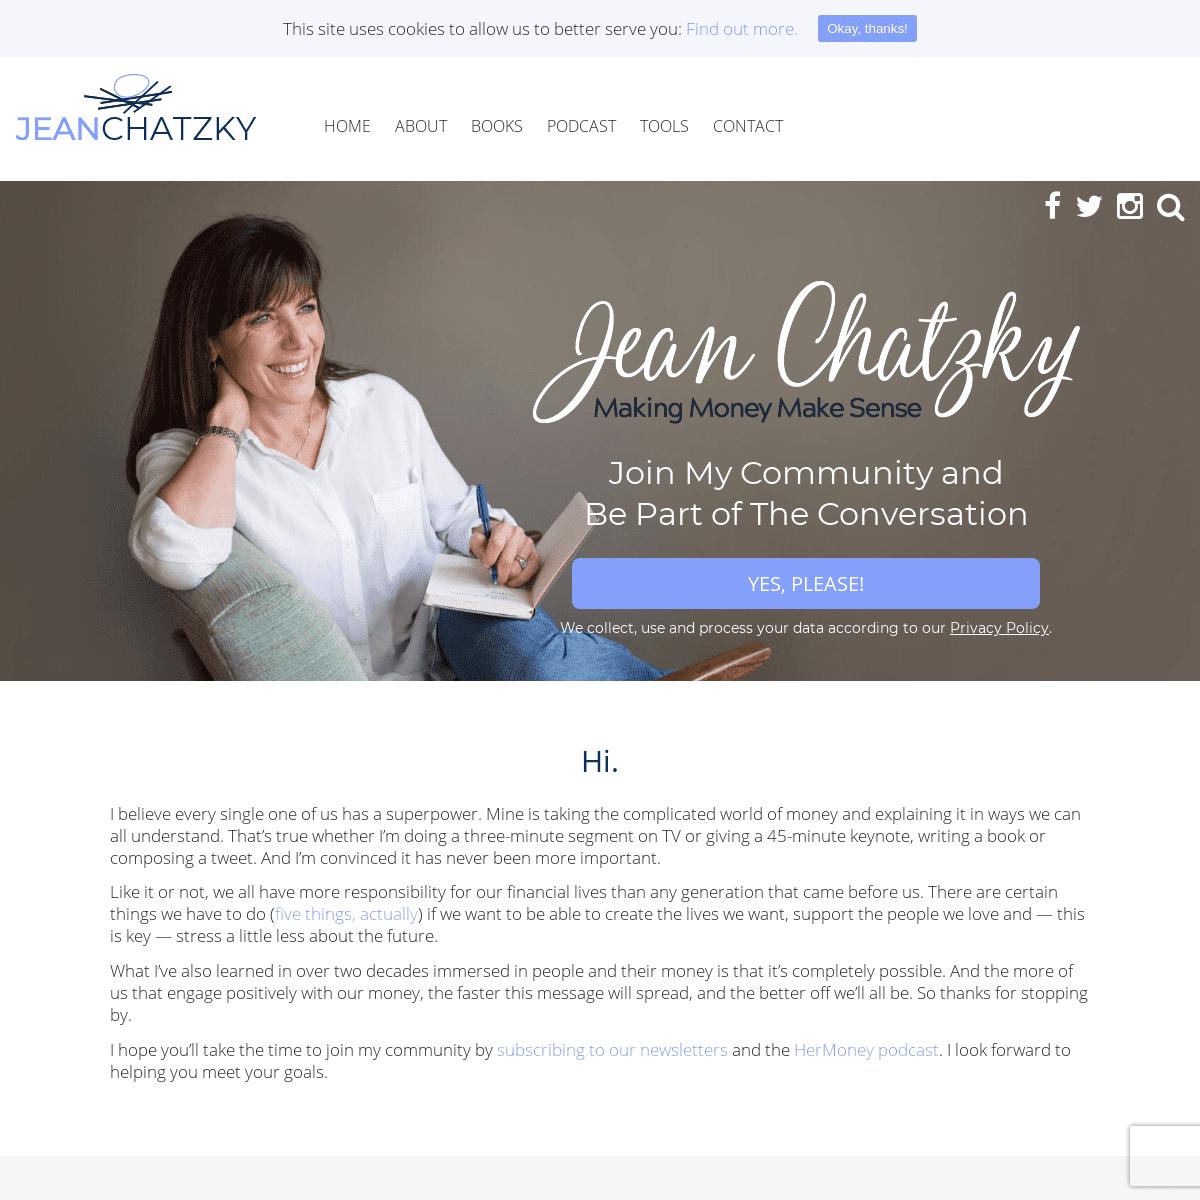 Jean Chatzky - Making Money Make Sense